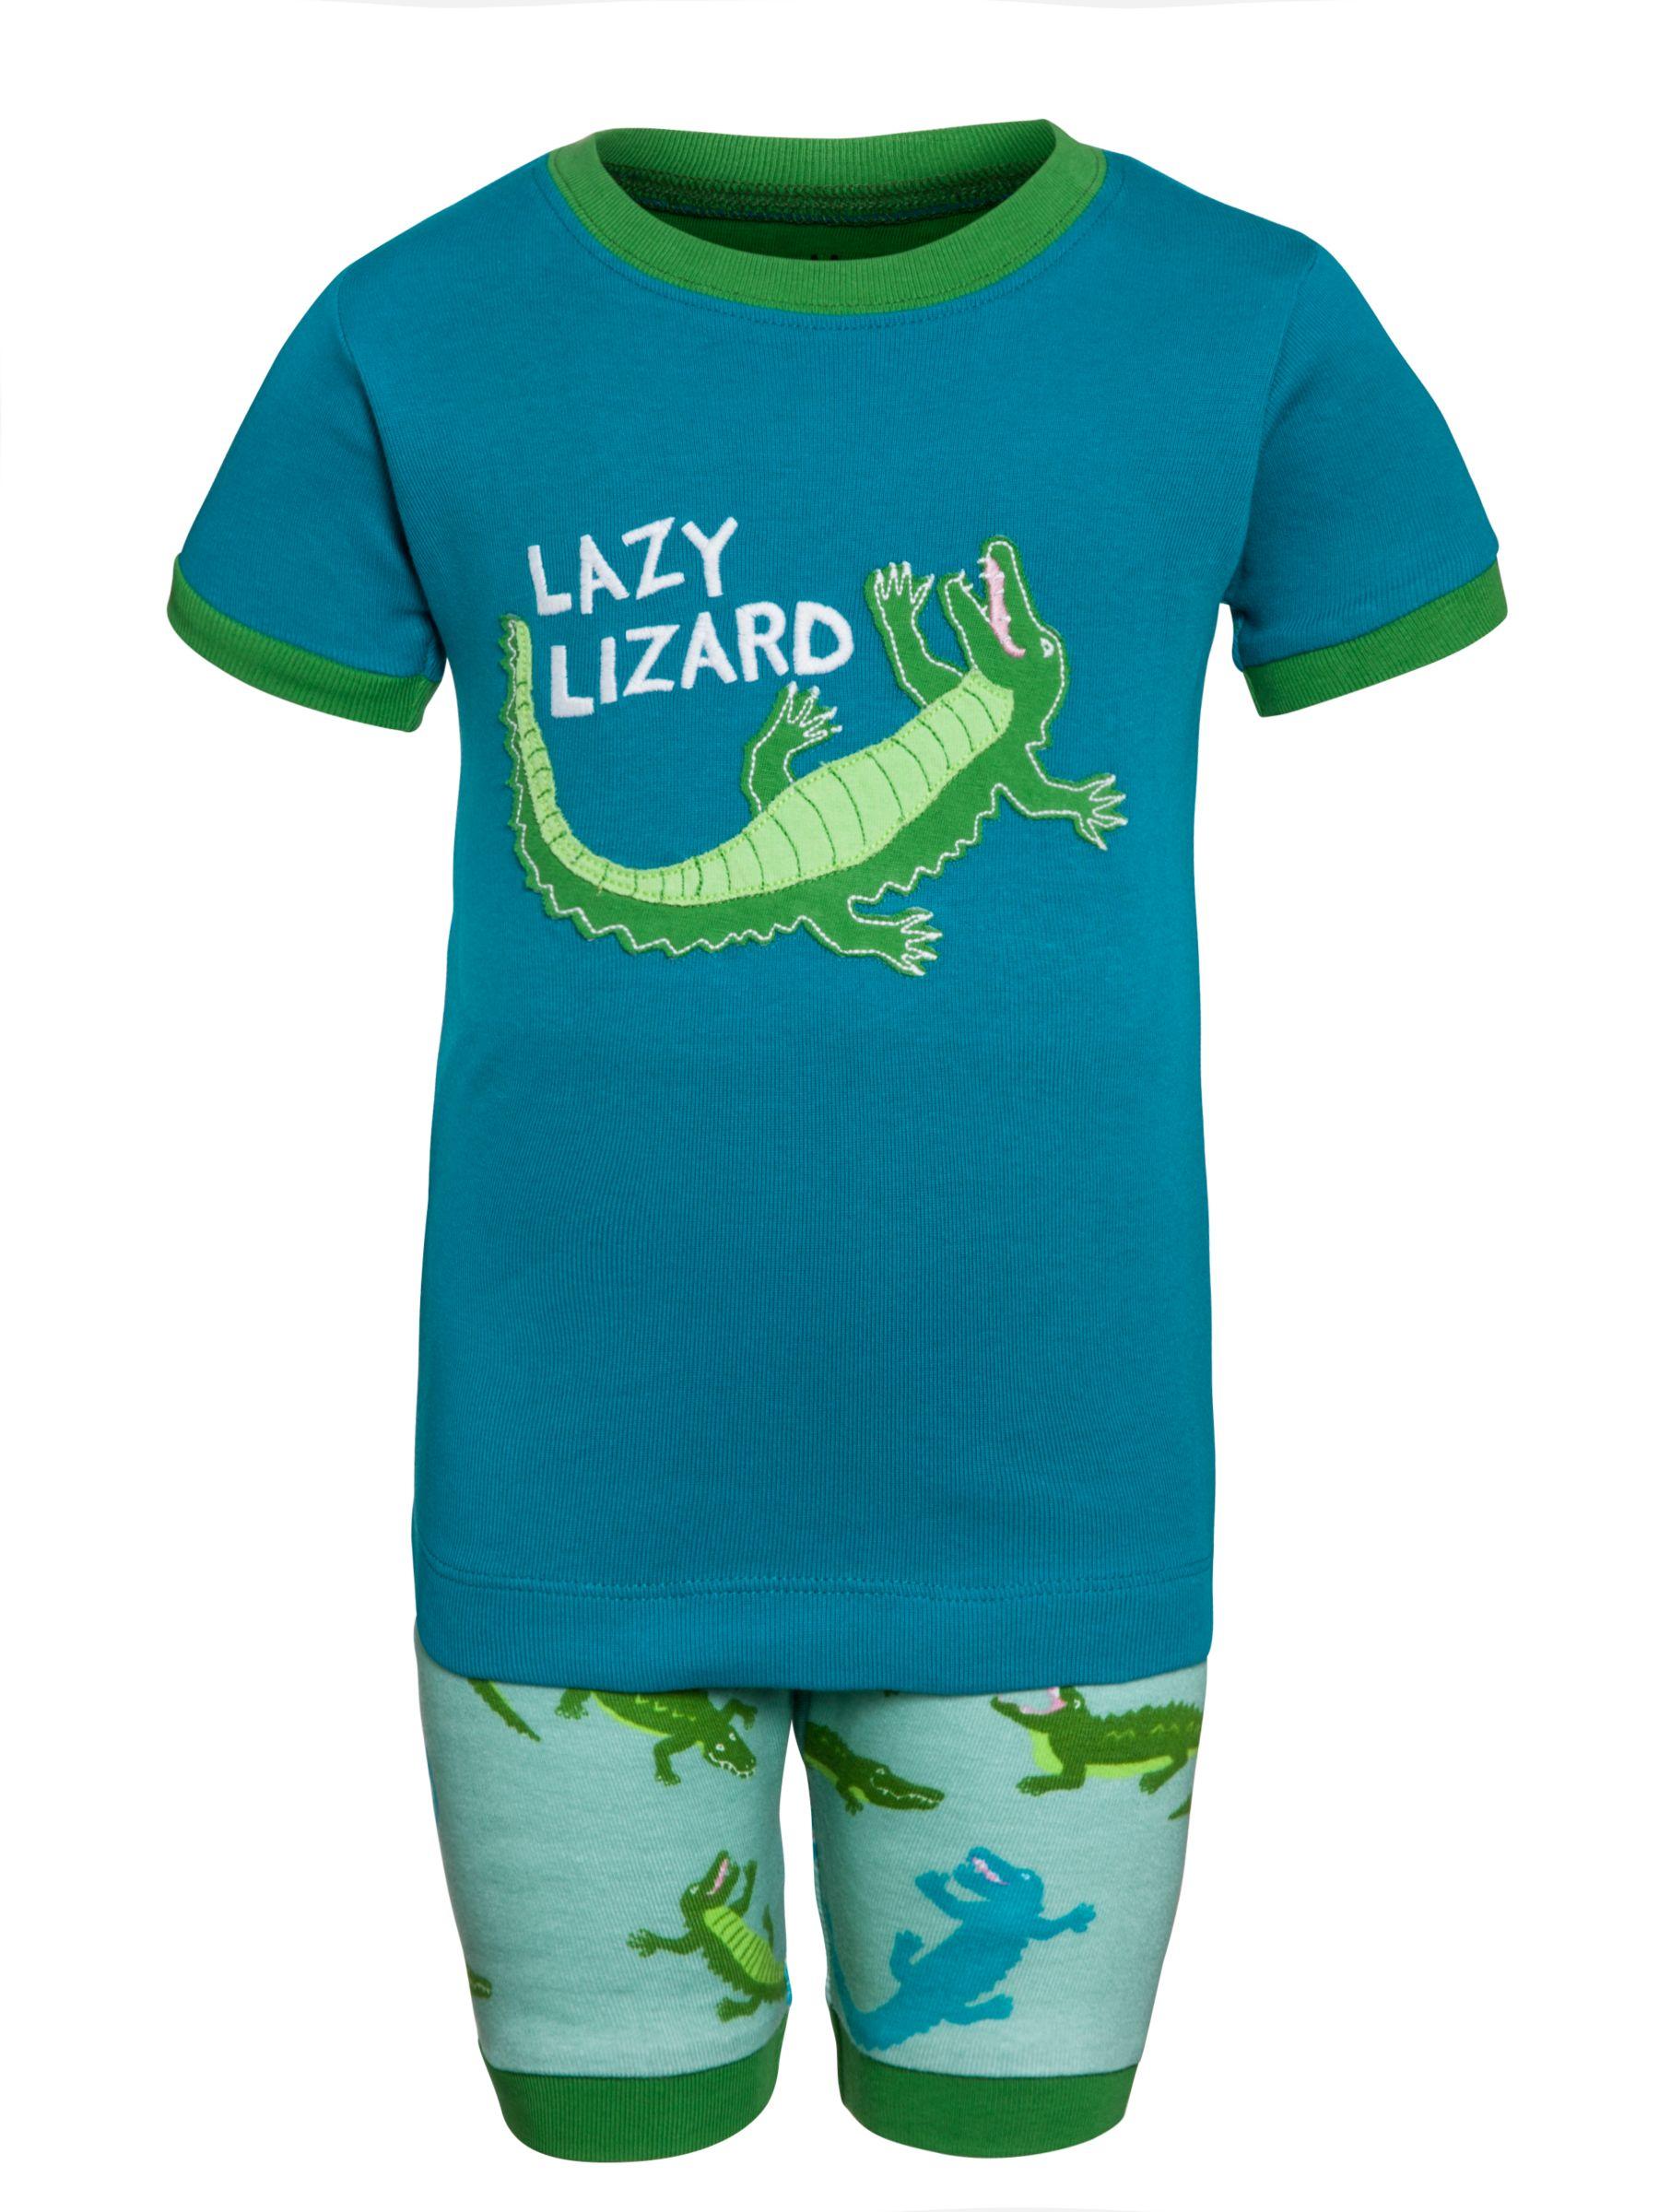 Hatley Boys' Lazy Lizard Short Pyjamas, Green